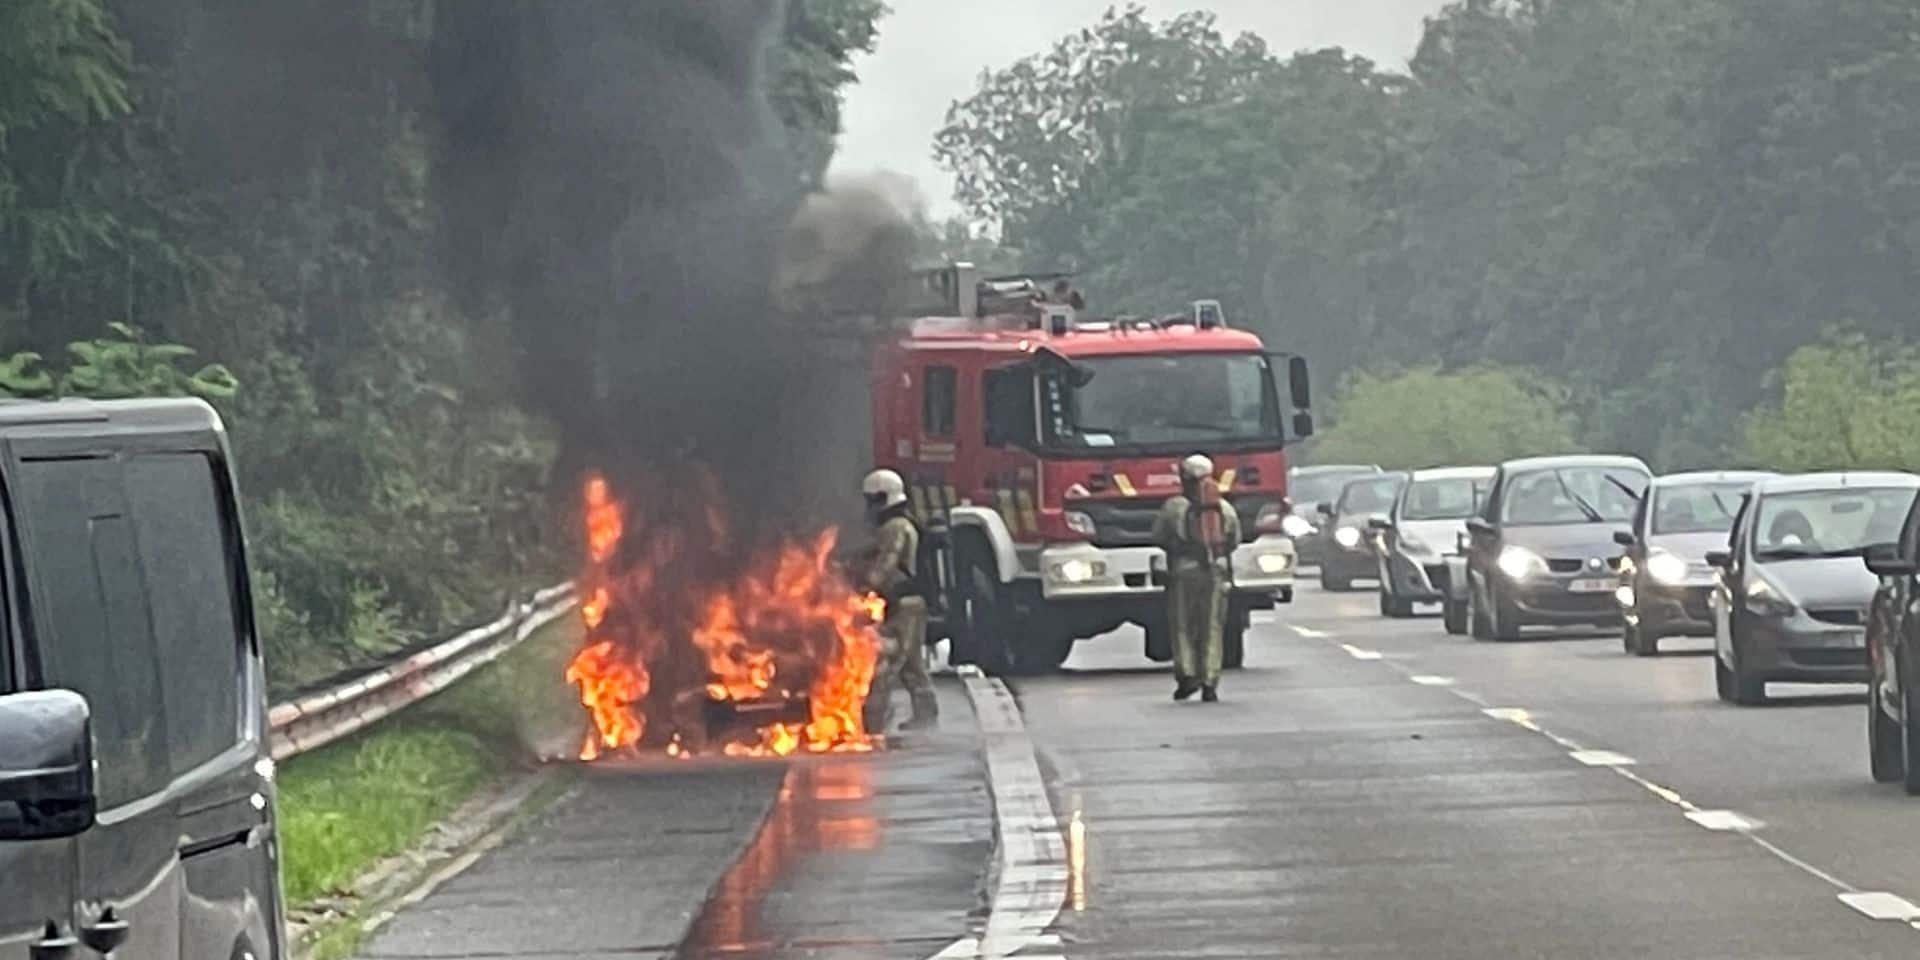 Véhicule en feu sur la N25 à hauteur de Genappe: pas de blessés et l'incendie rapidement maitrisé